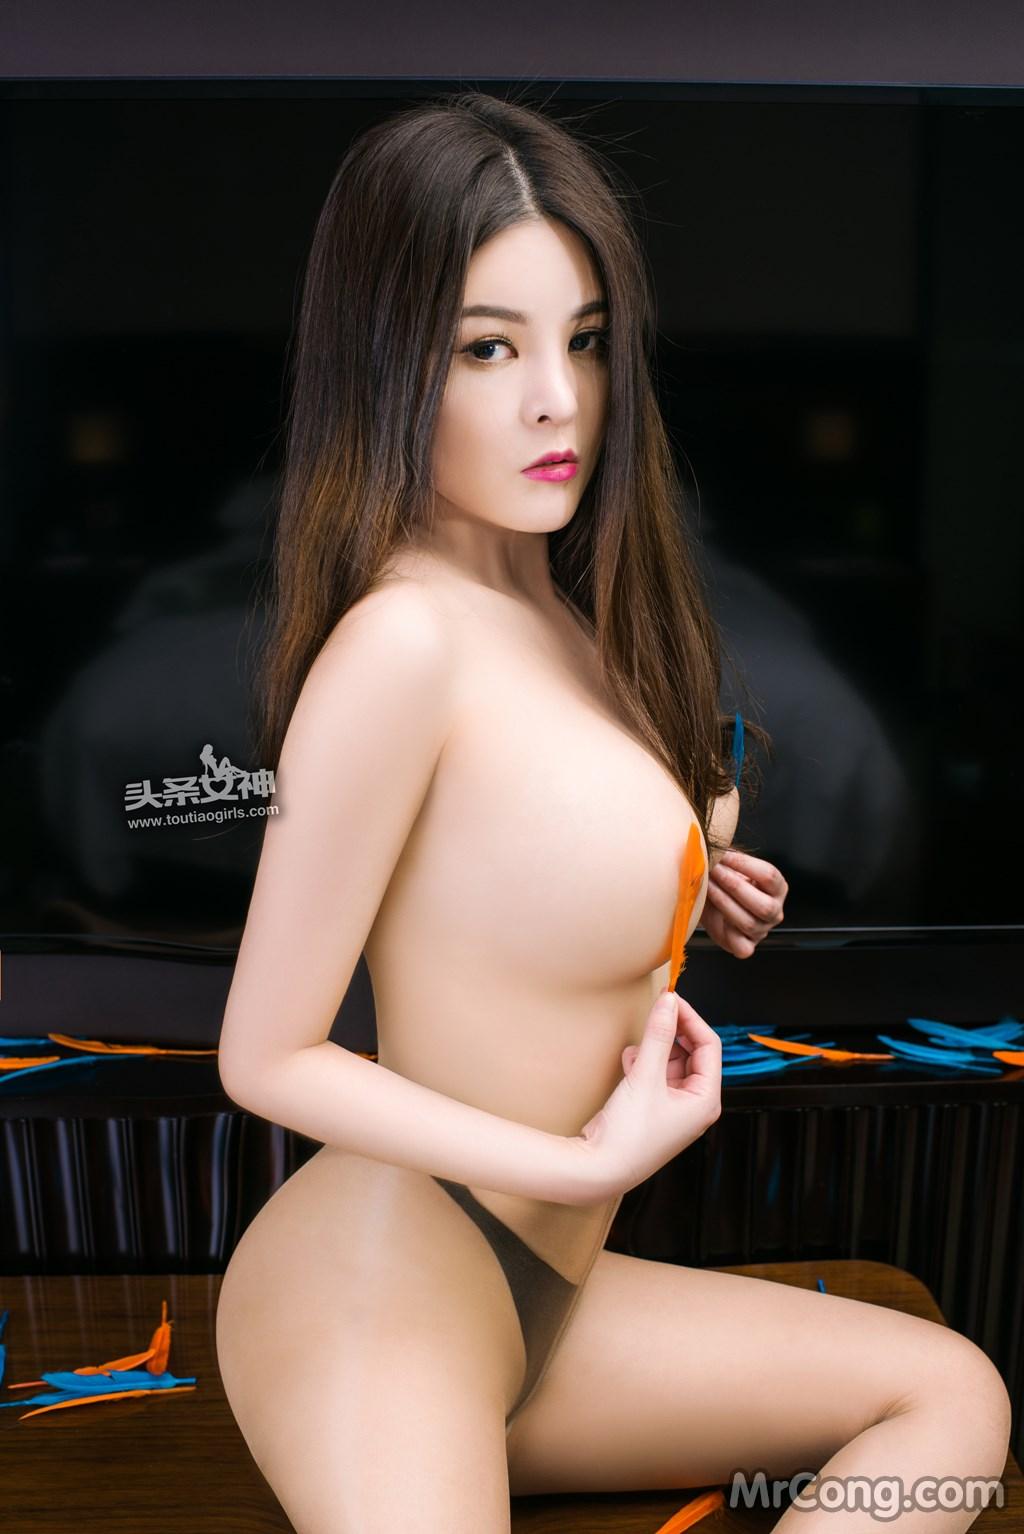 Image MrCong.com-TouTiao-2017-02-11-Tong-An-Qi-017 in post TouTiao 2017-02-11: Người mẫu Tong An Qi (童安琪) (27 ảnh)